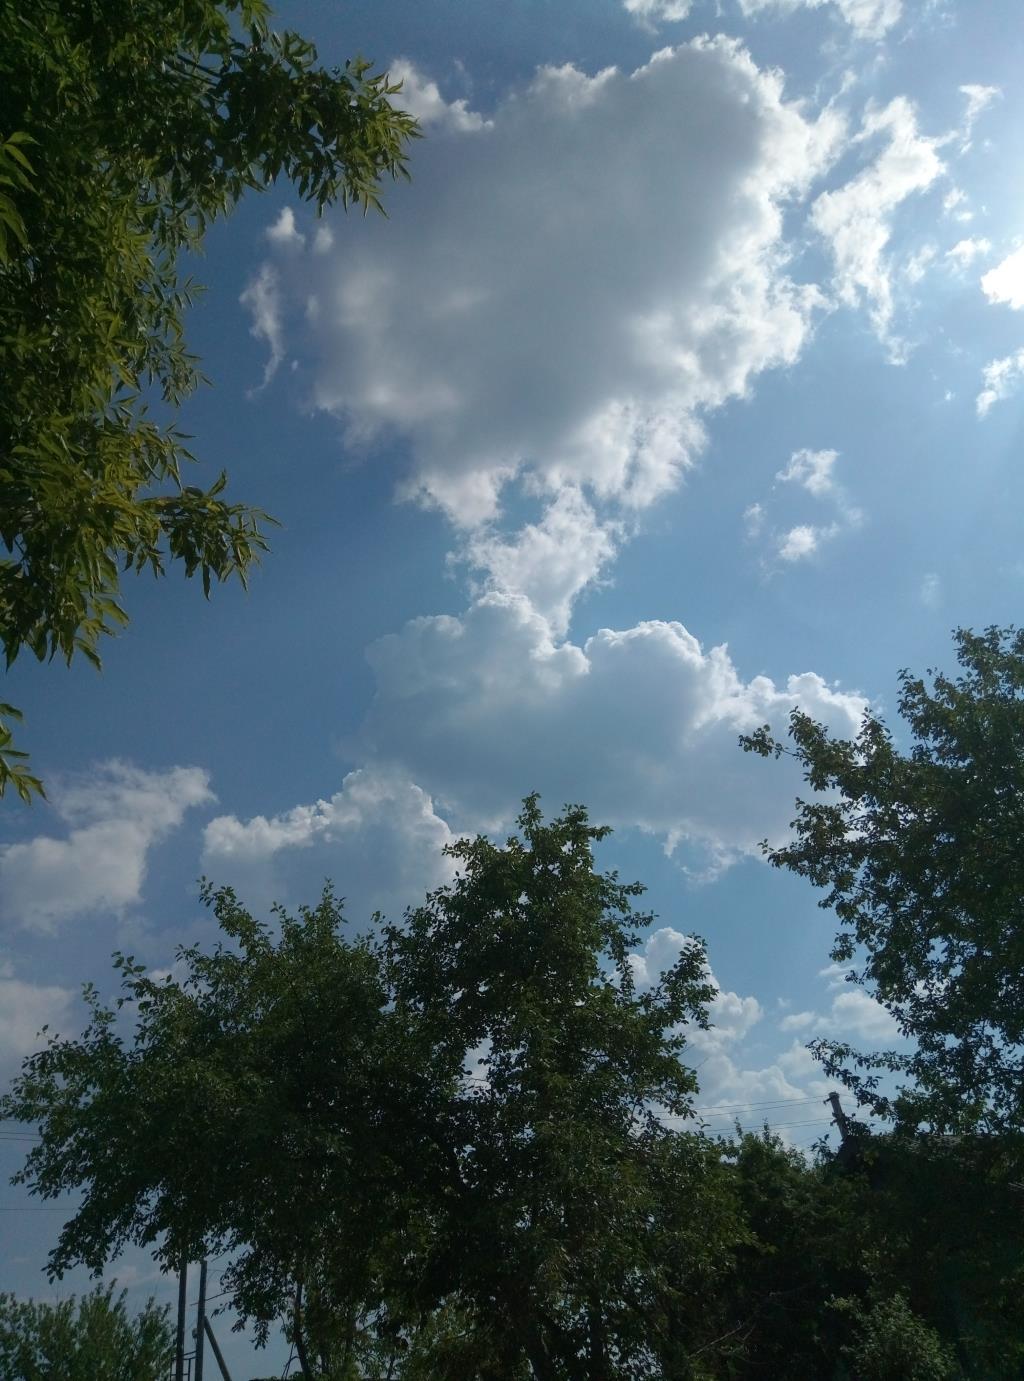 любовь в небе. Блиц: небо в облаках